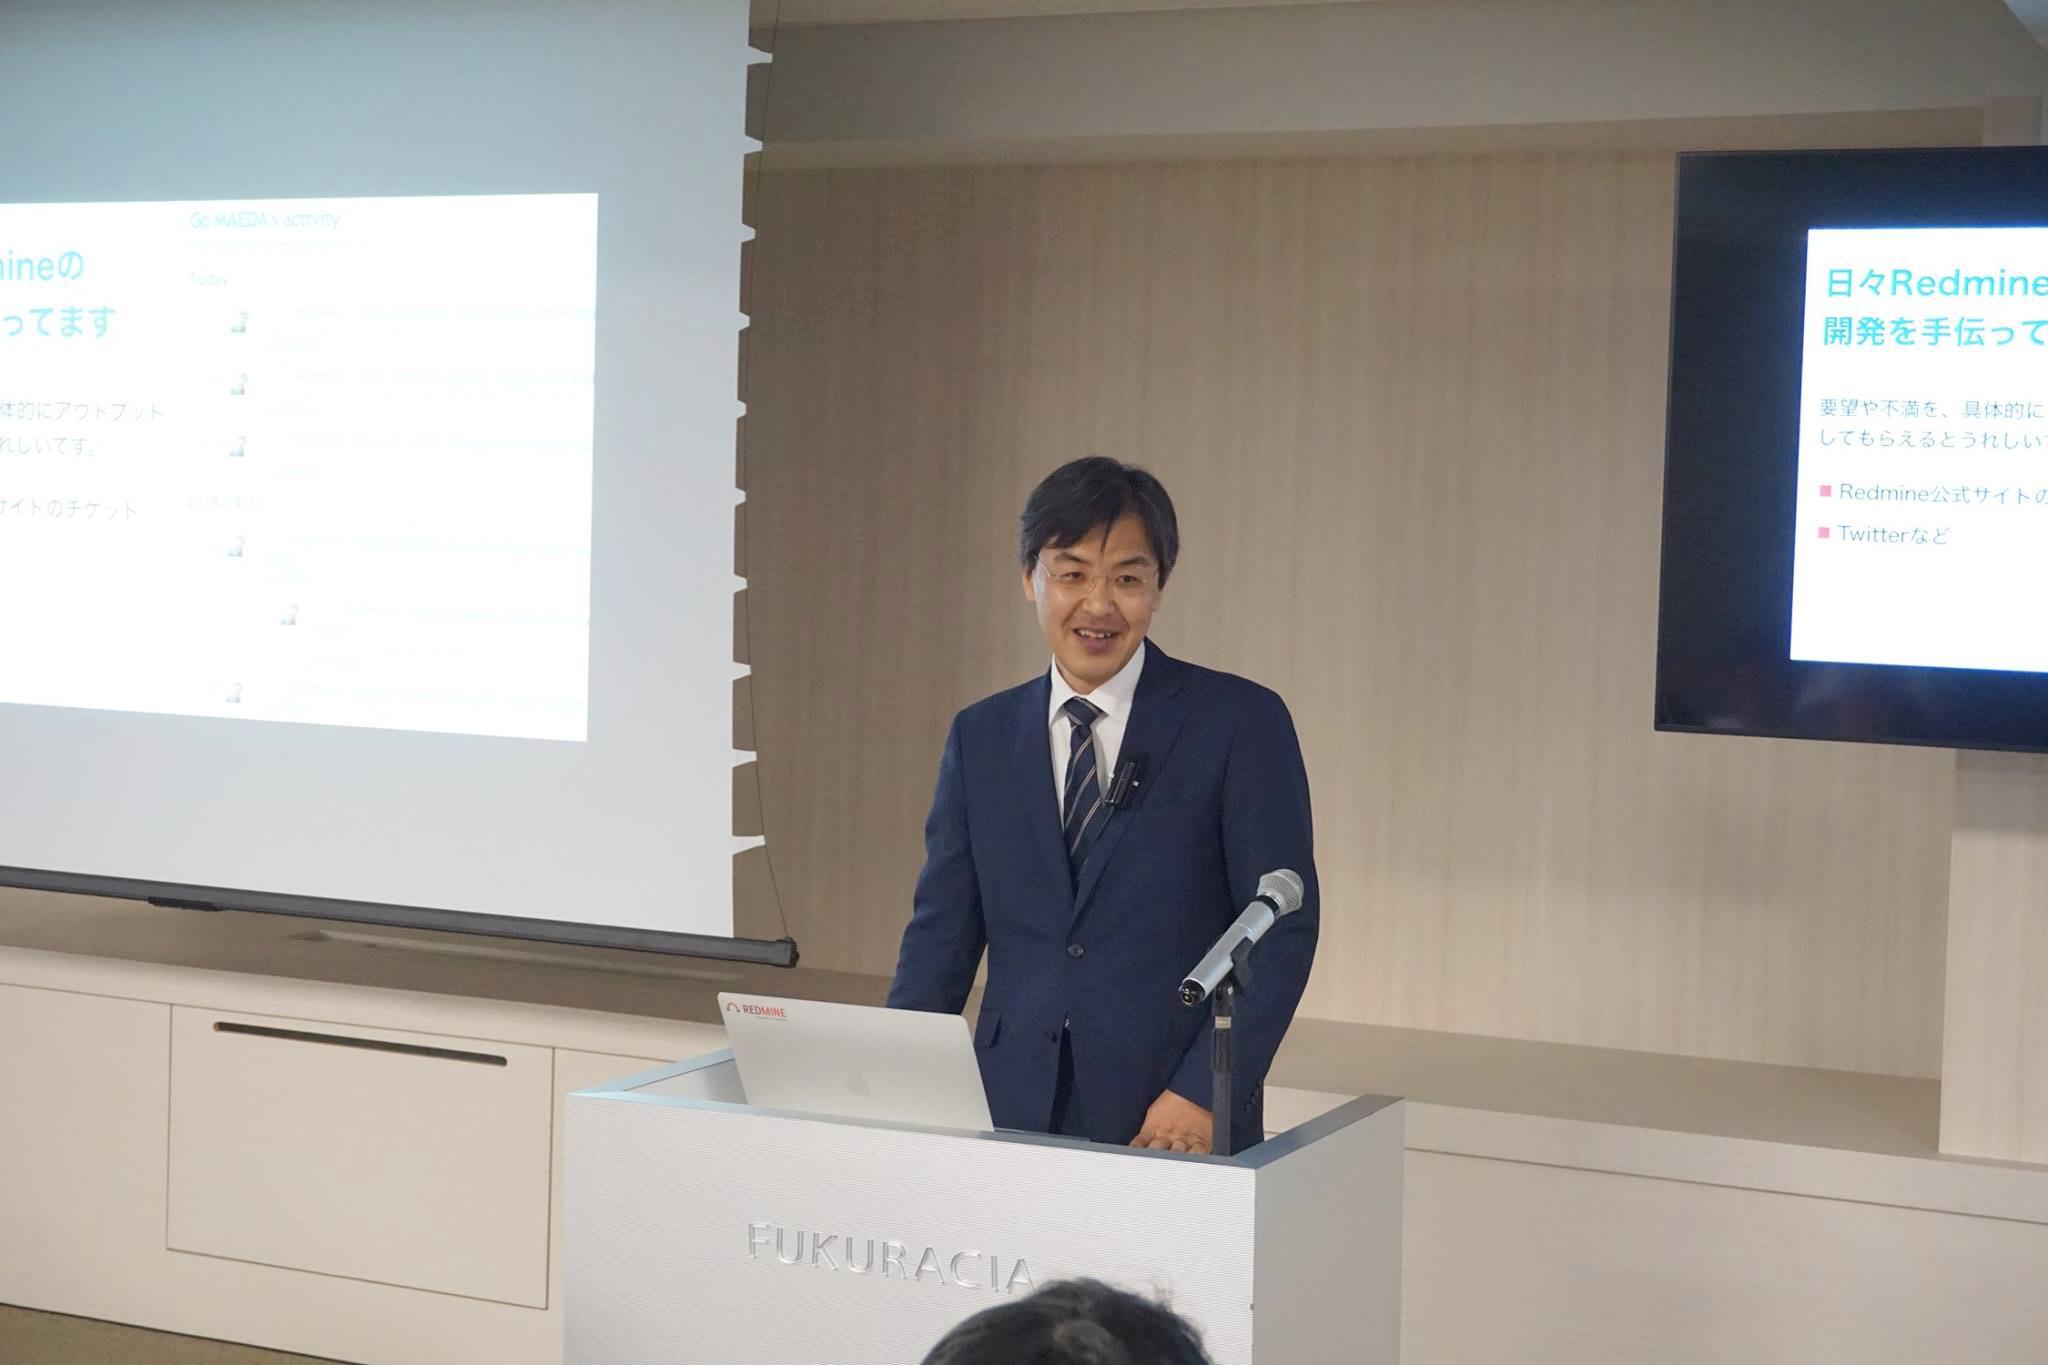 ファーエンドテクノロジー株式会社 代表取締役 前田 剛様